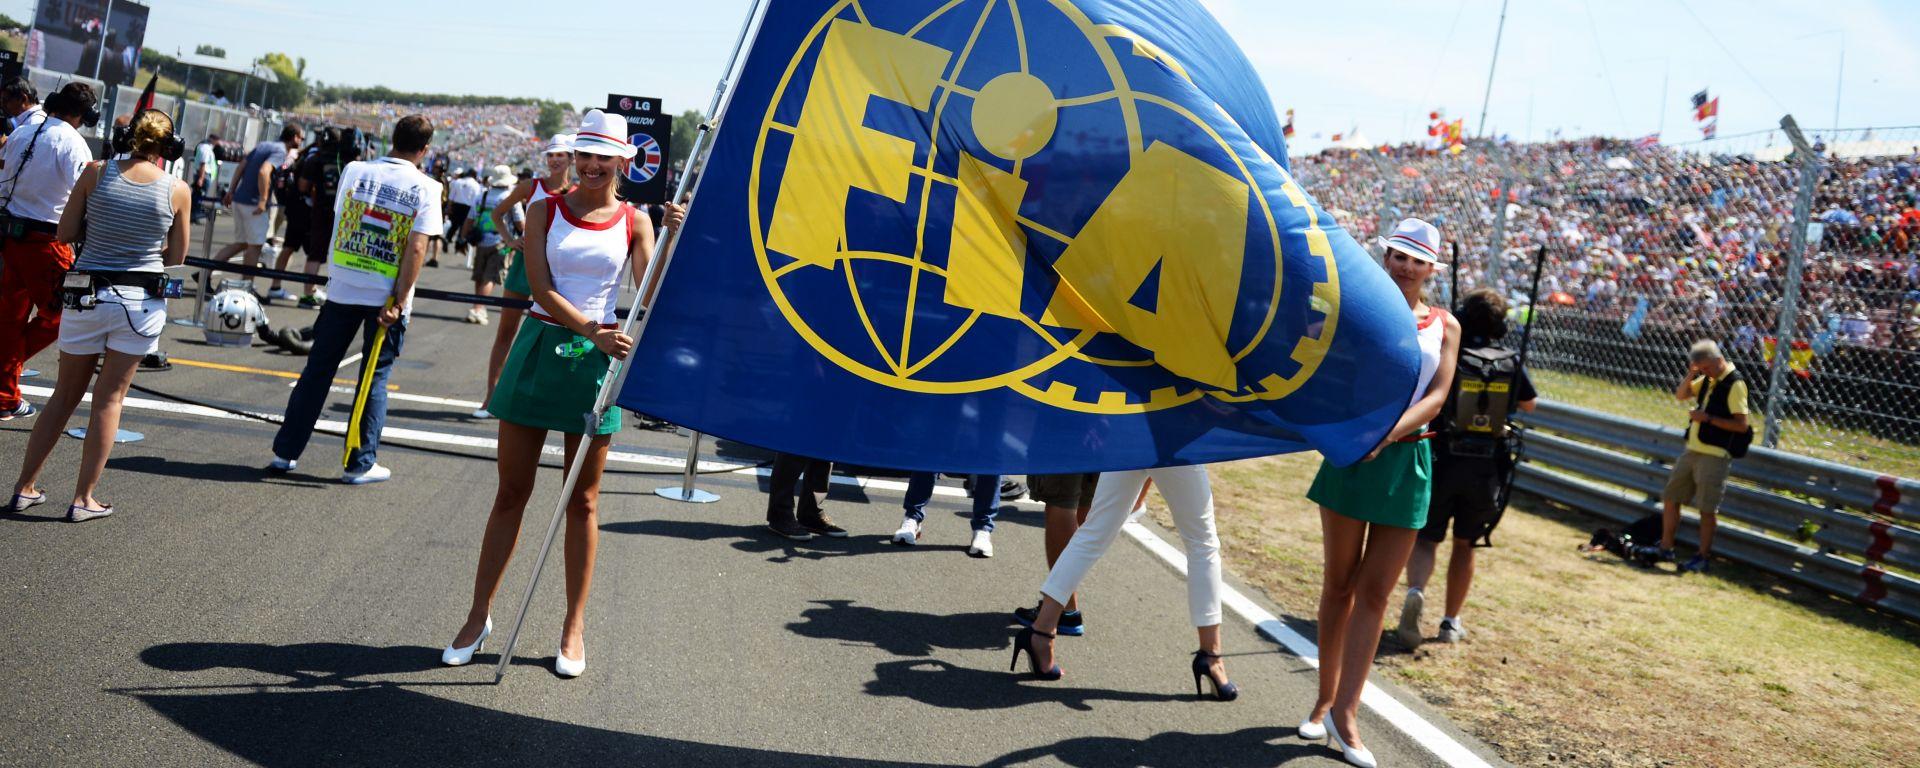 Bandiera della FIA, la Federazione Internazionale dell'Auto